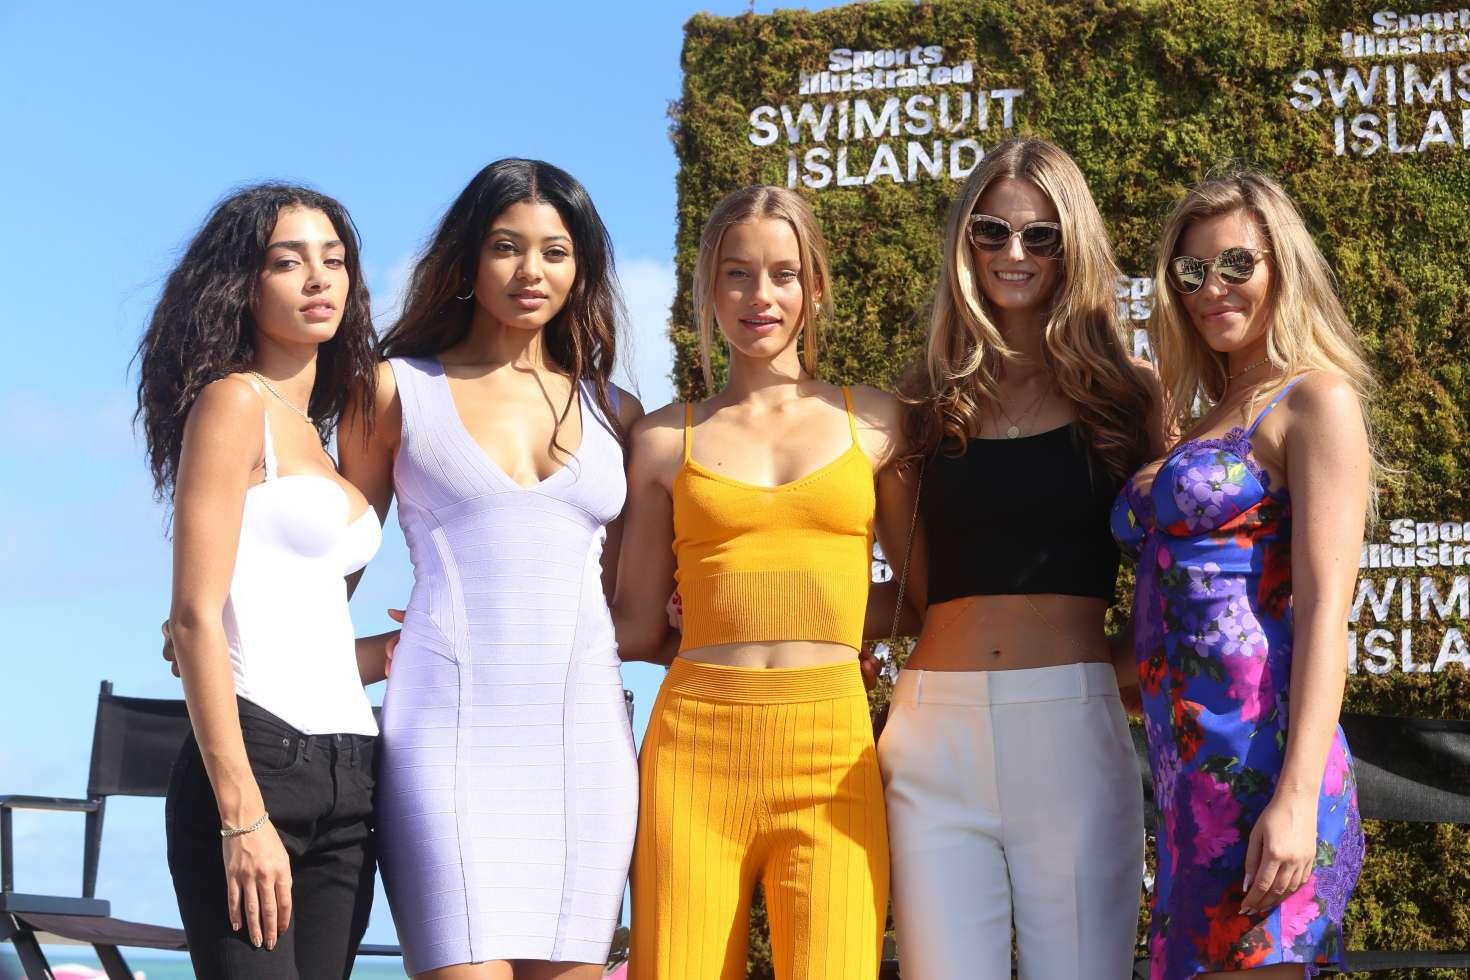 Samantha Hoopes 2017 : Samantha Hoopes: Sports Illustrated Swimsuit Island -93